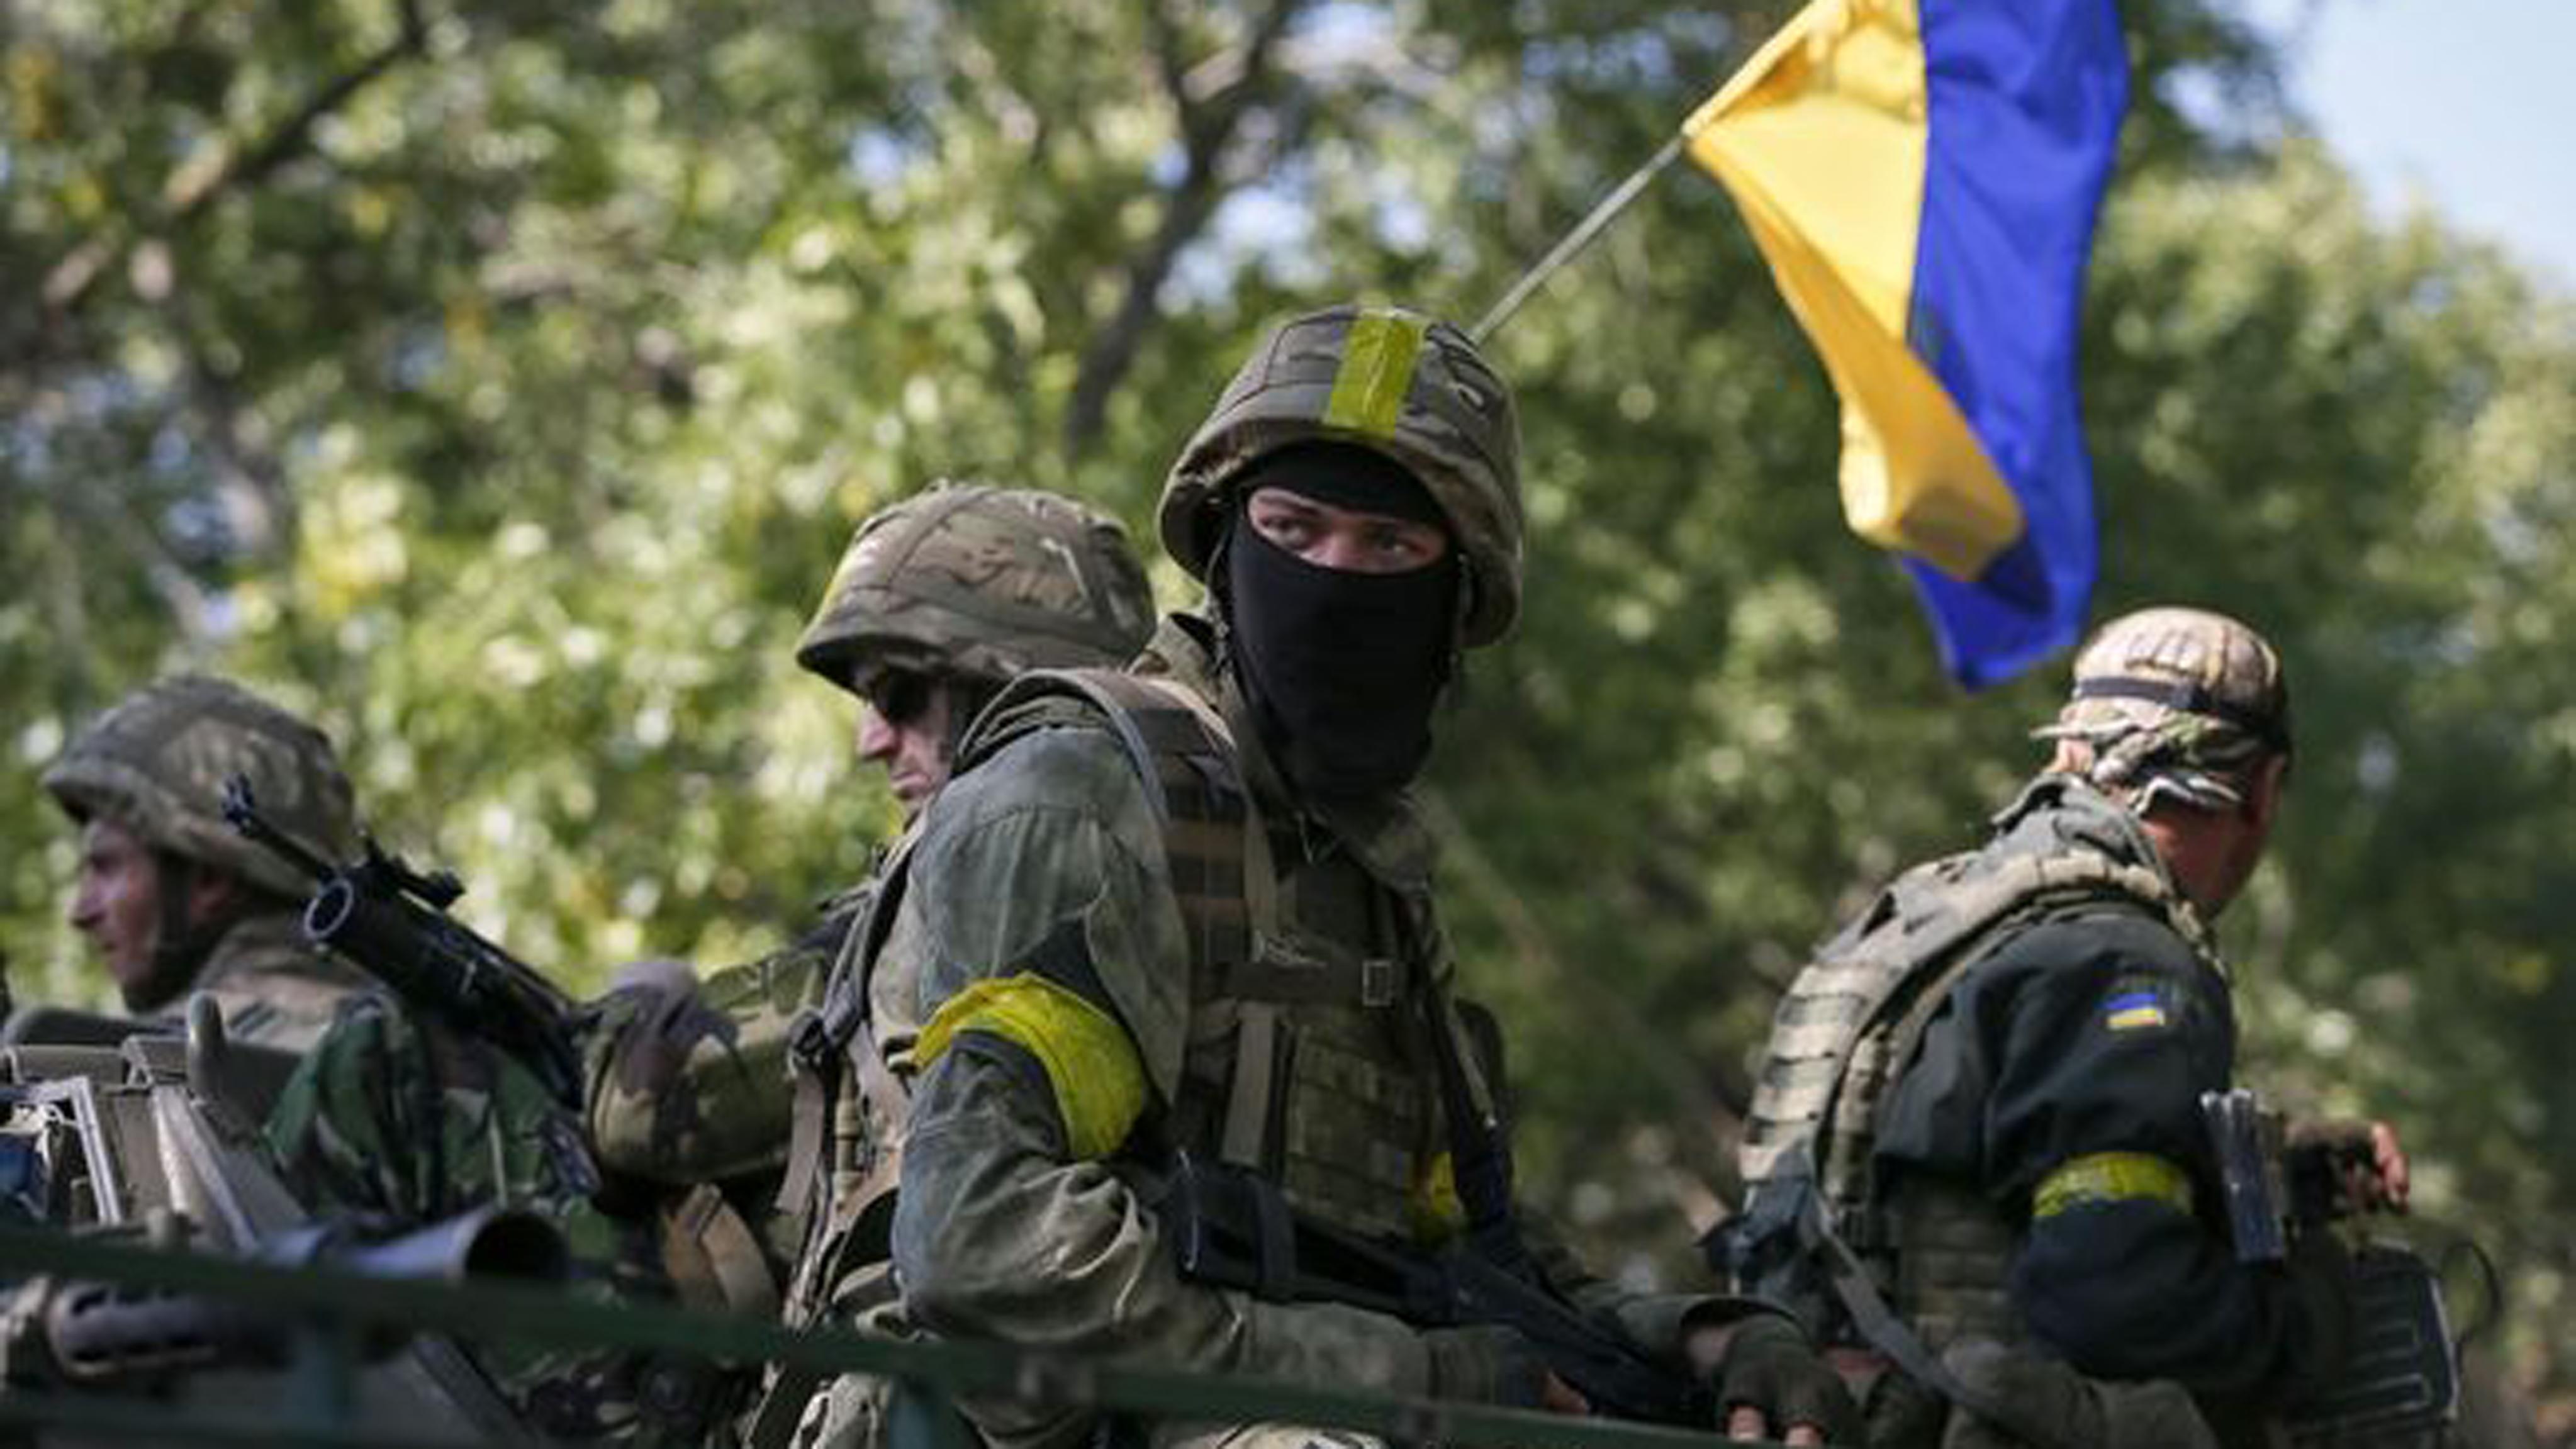 Штаб АТО: Боевики применили вКрасногоровке крупнокалиберные пулеметы